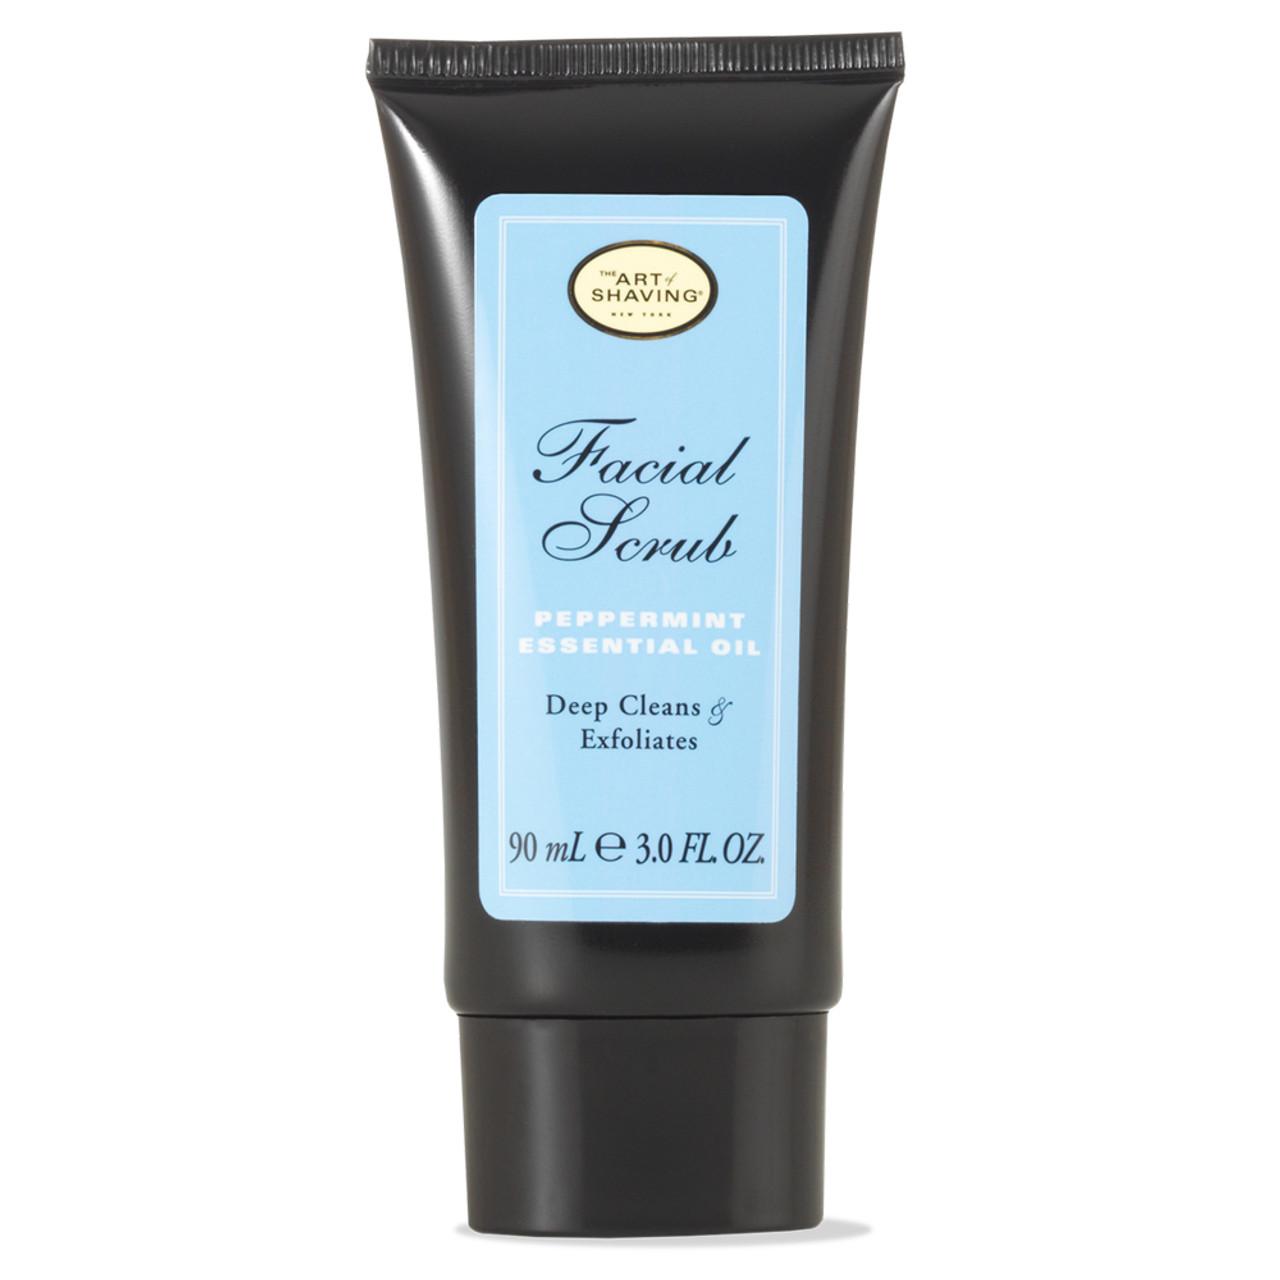 The Art of Shaving Facial Scrub Peppermint BeautifiedYou.com